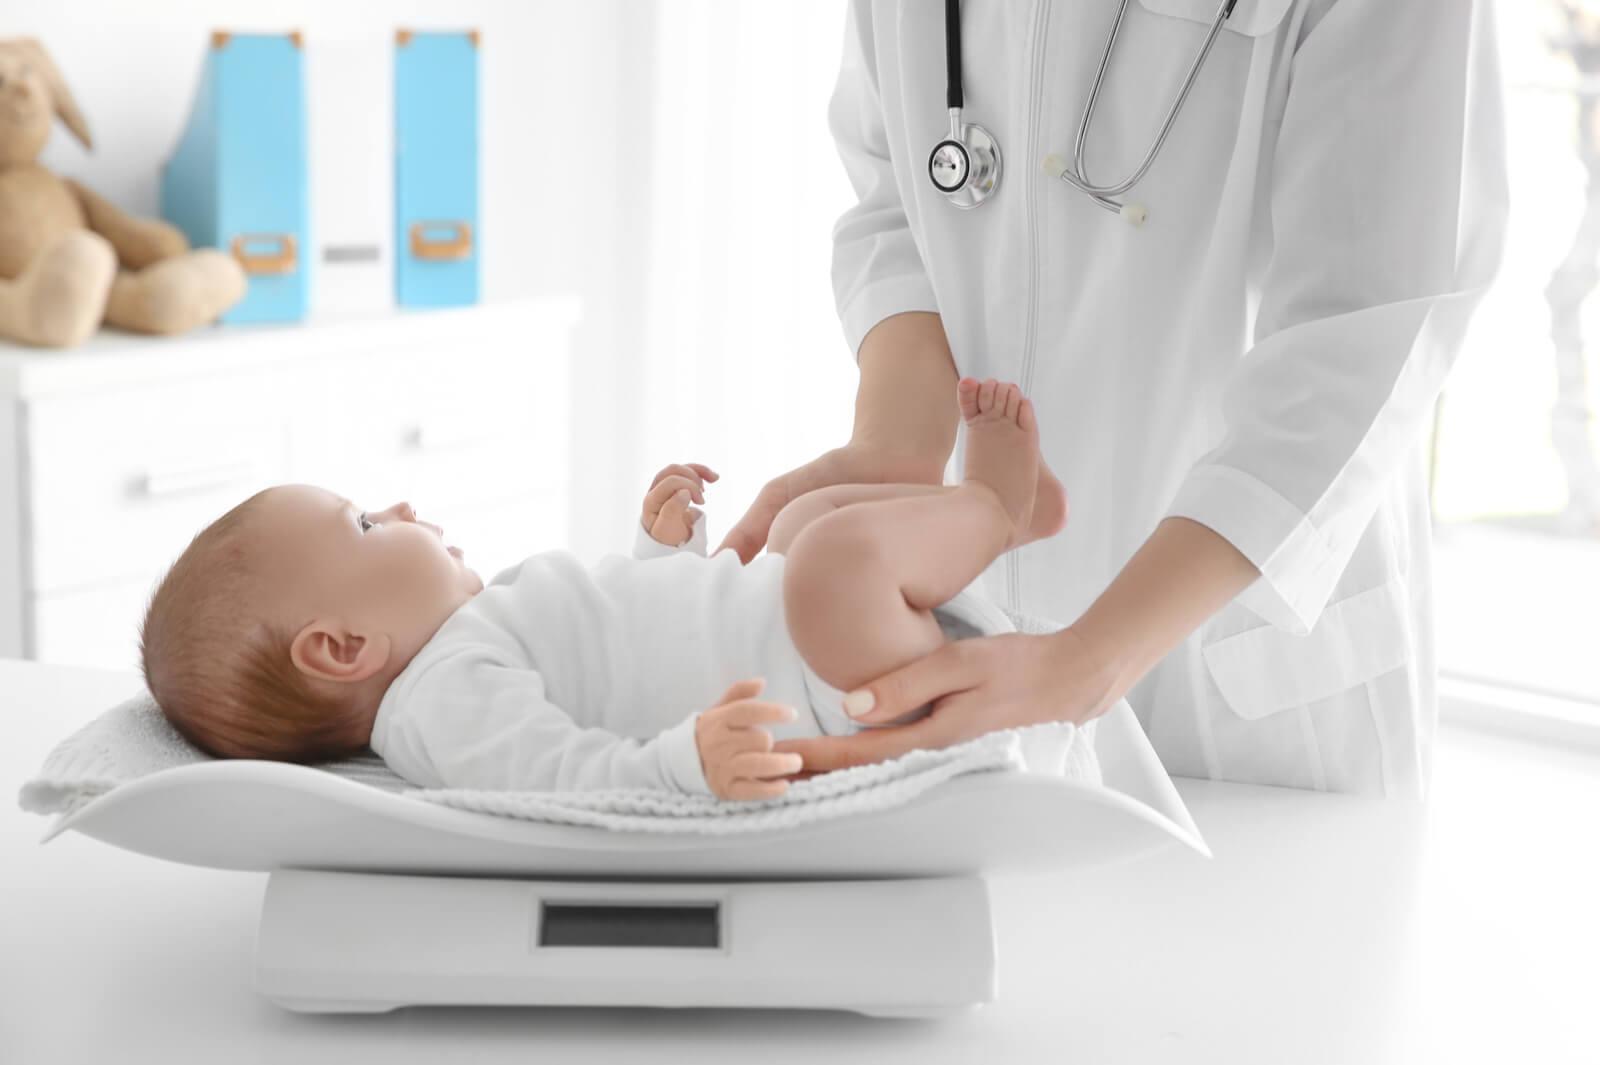 berapa-berat-badan-bayi-ideal-sesuai-pertumbuhannya.jpg